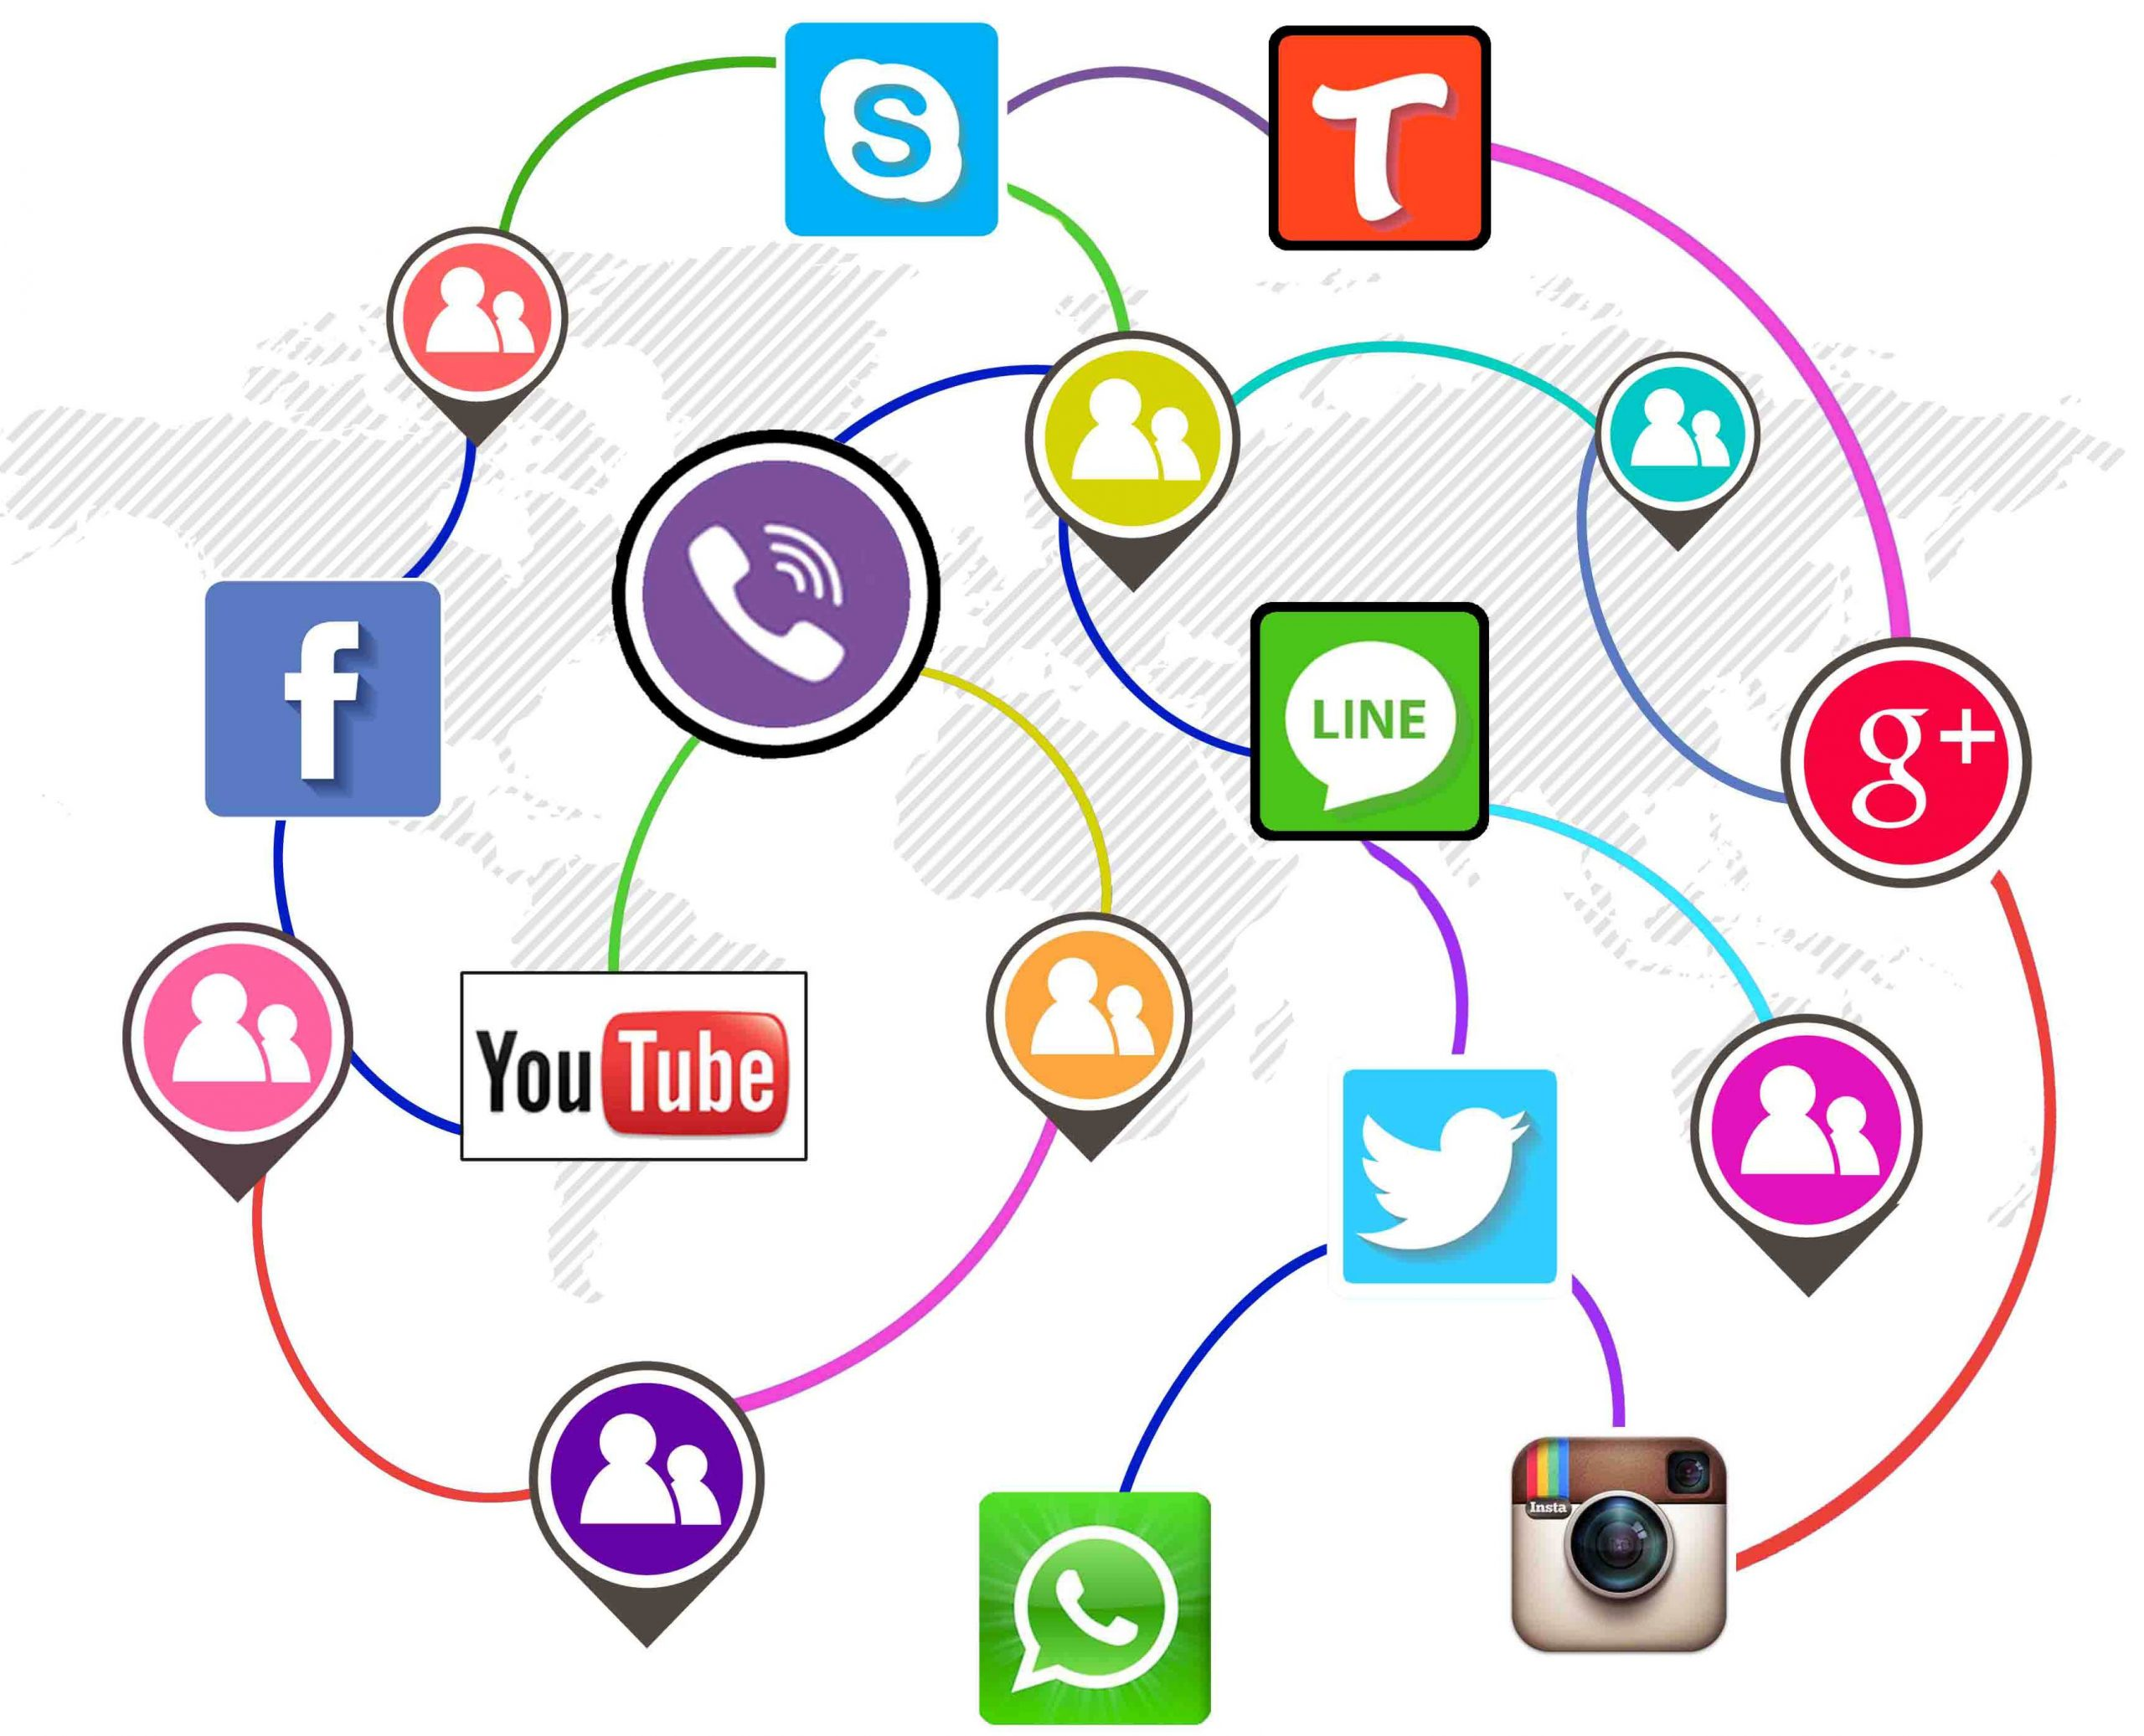 مزایای شبکه های مجازی